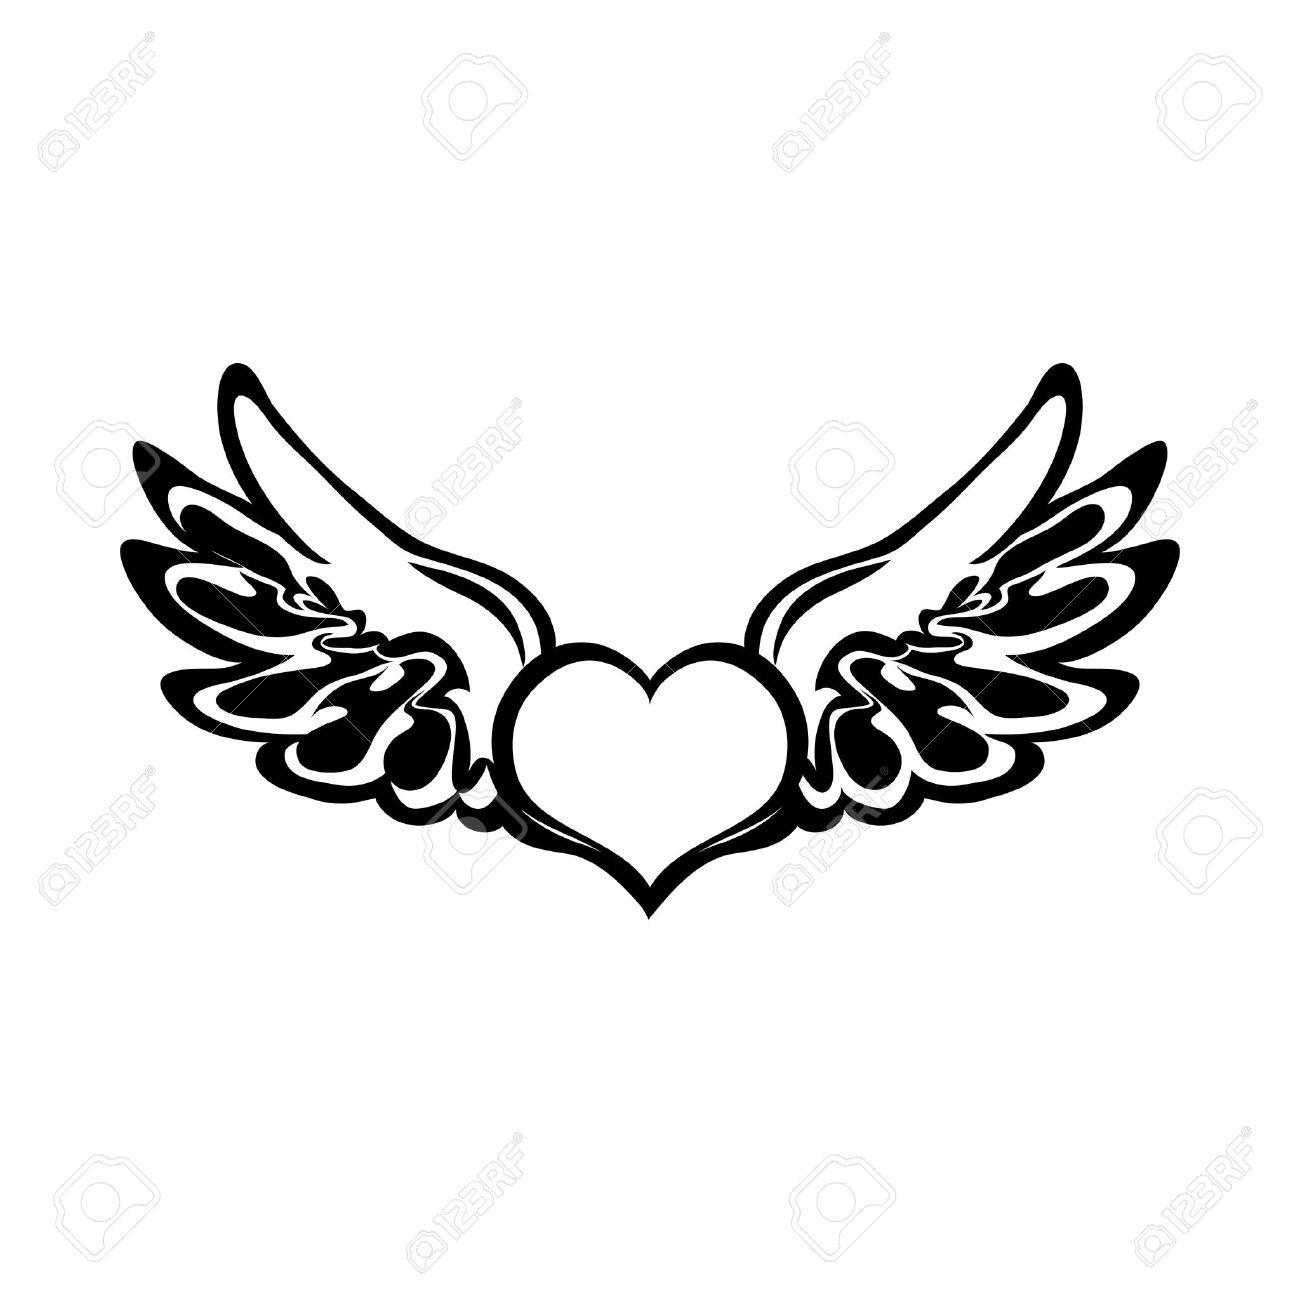 nice tatouage coeur avec ailes d ange #1: tatouage aile d ange